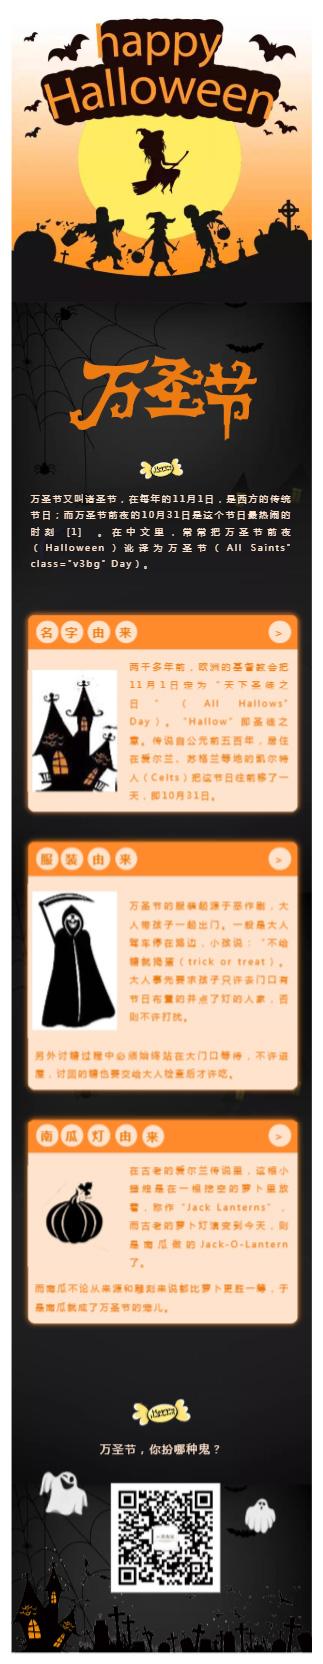 万圣节又叫诸圣节微信公众号推送图文消息模板素材